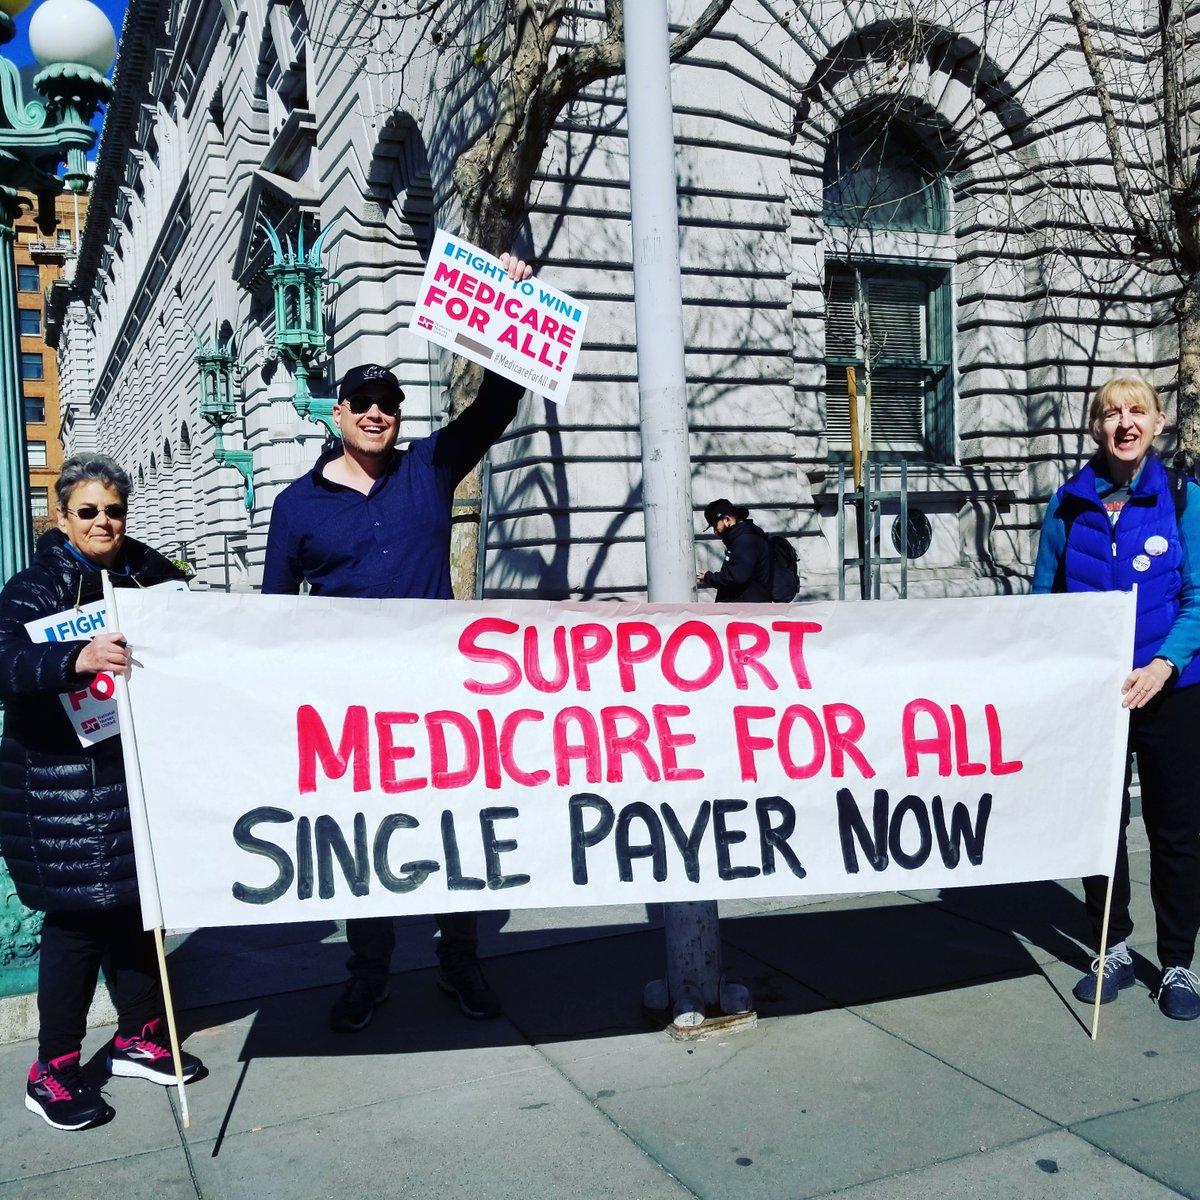 @BernieSanders We need #MedicareForAll!